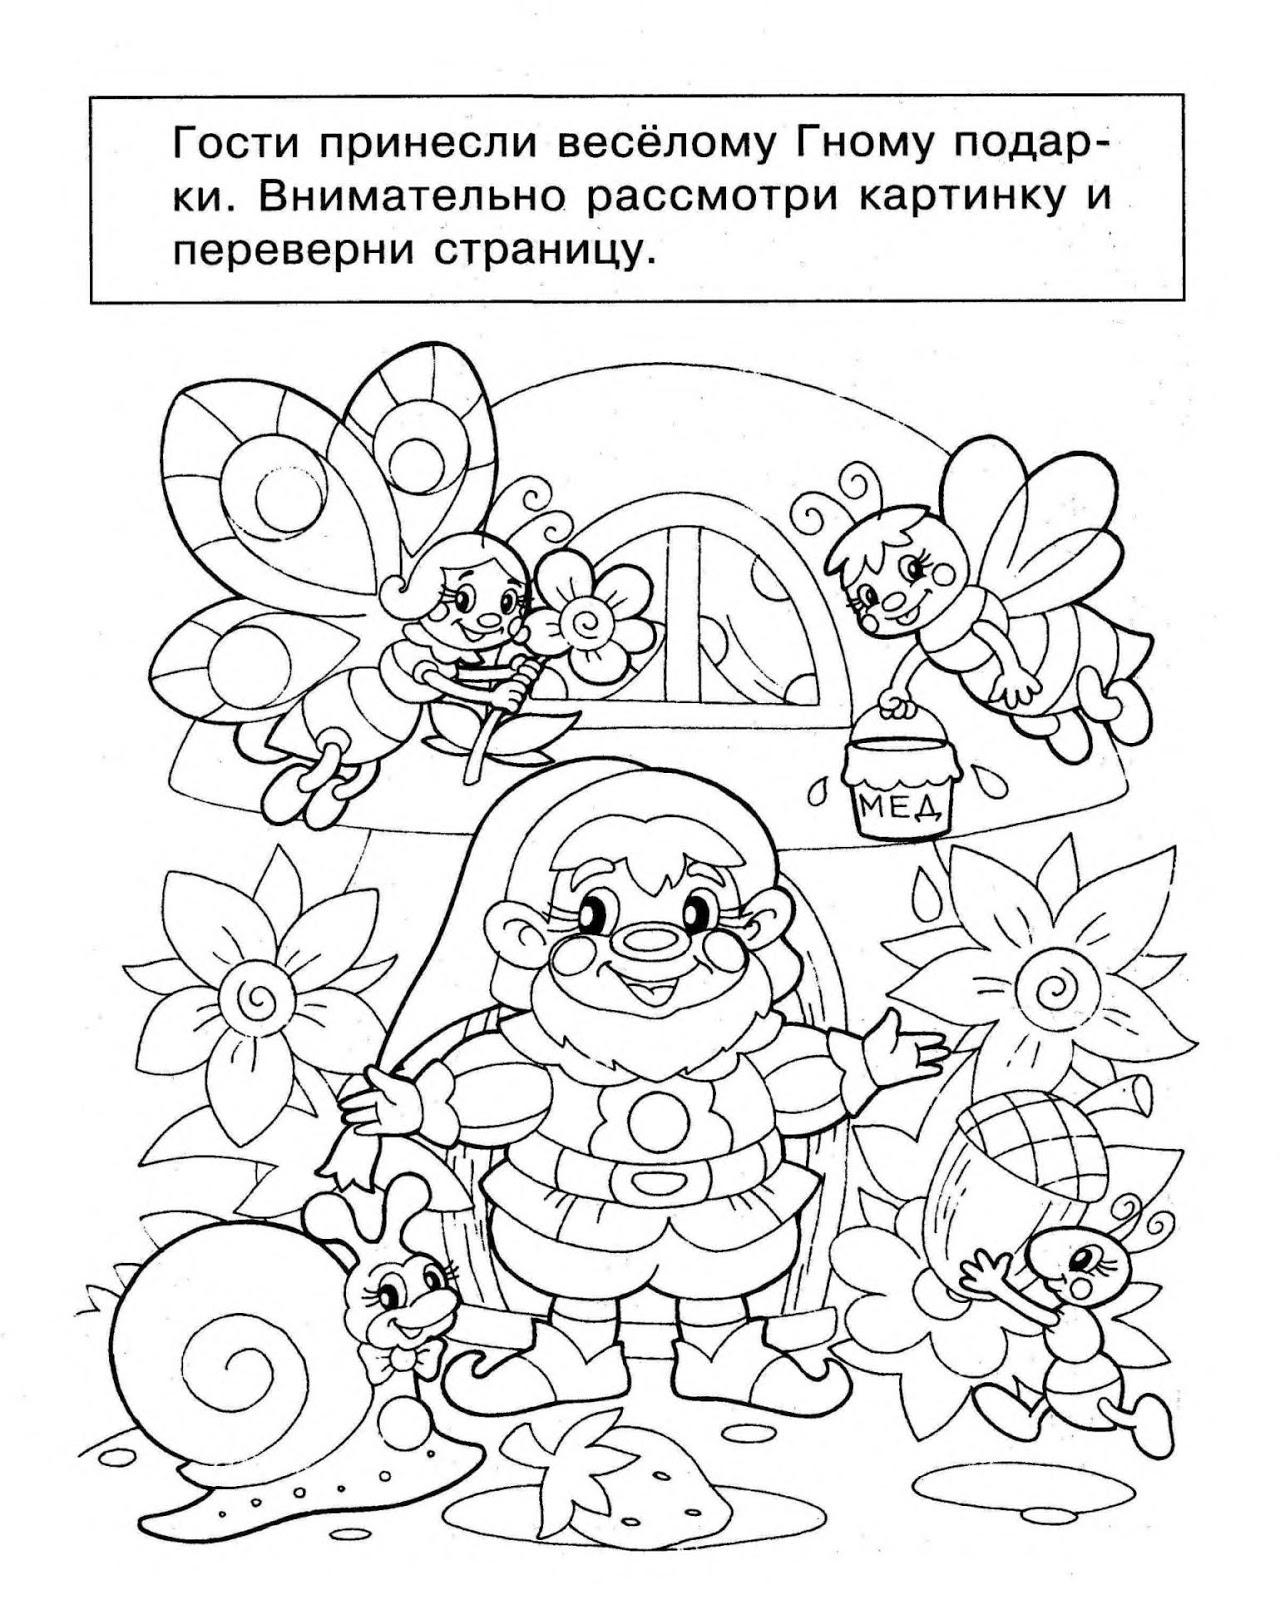 Книжка для ребенка 4 лет